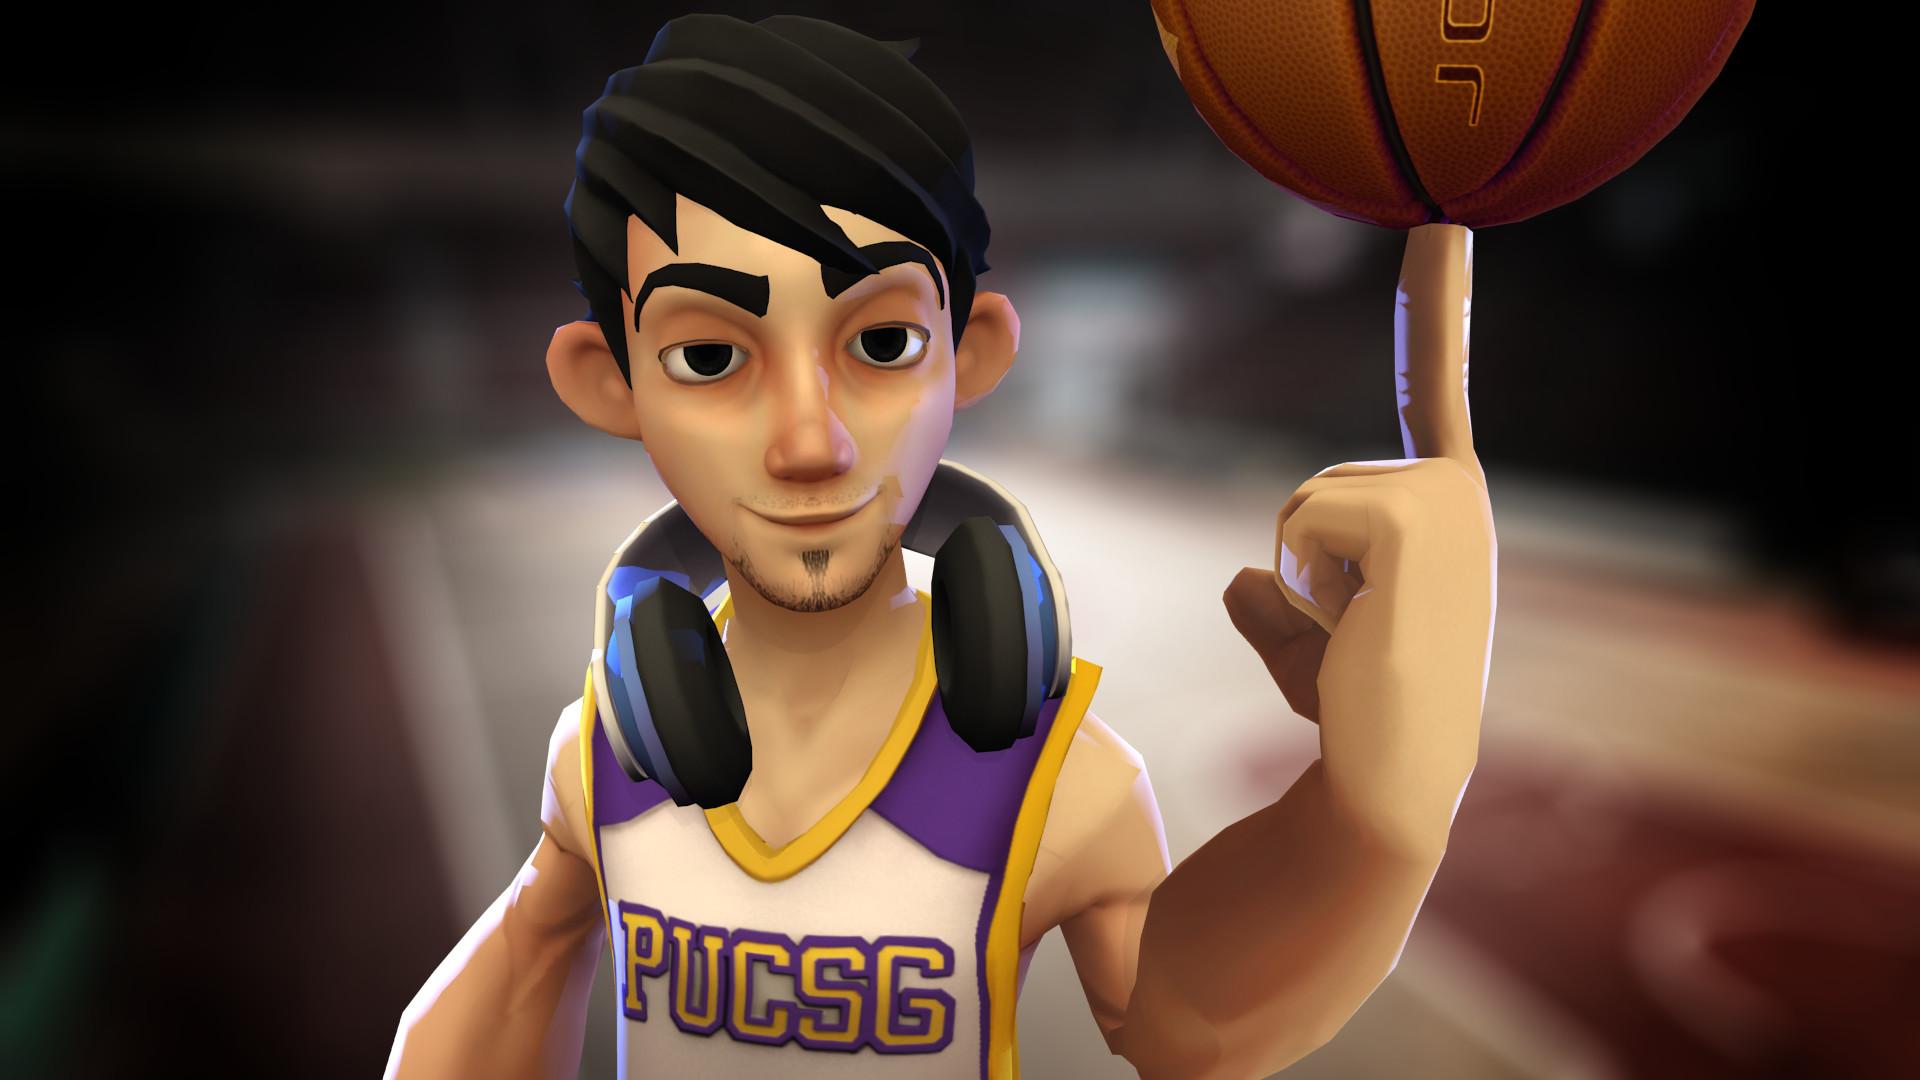 Basketball Player - Gugu